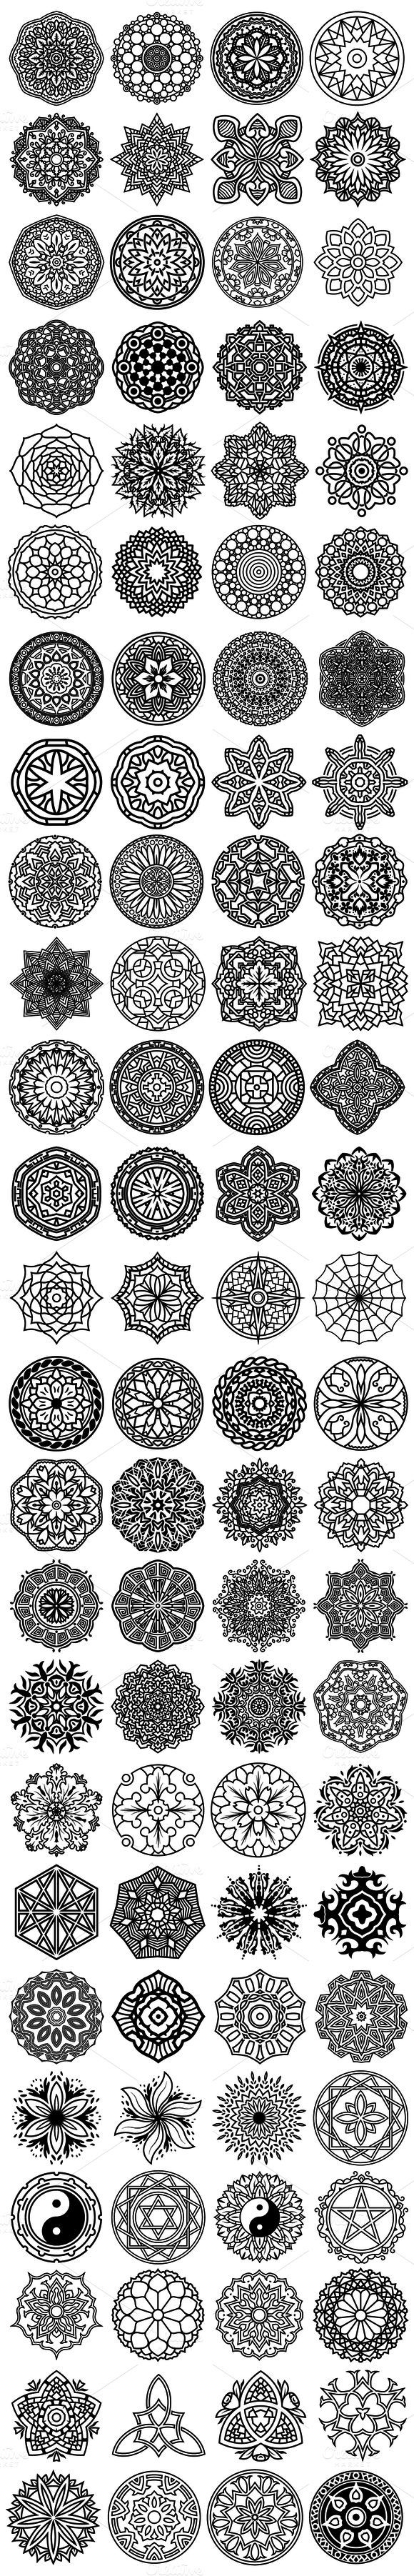 Tatto Ideas 2017 100 Vector Mandala Ornaments tortue de mer avec mandala 3 ¨me en partant d en haut  gauche